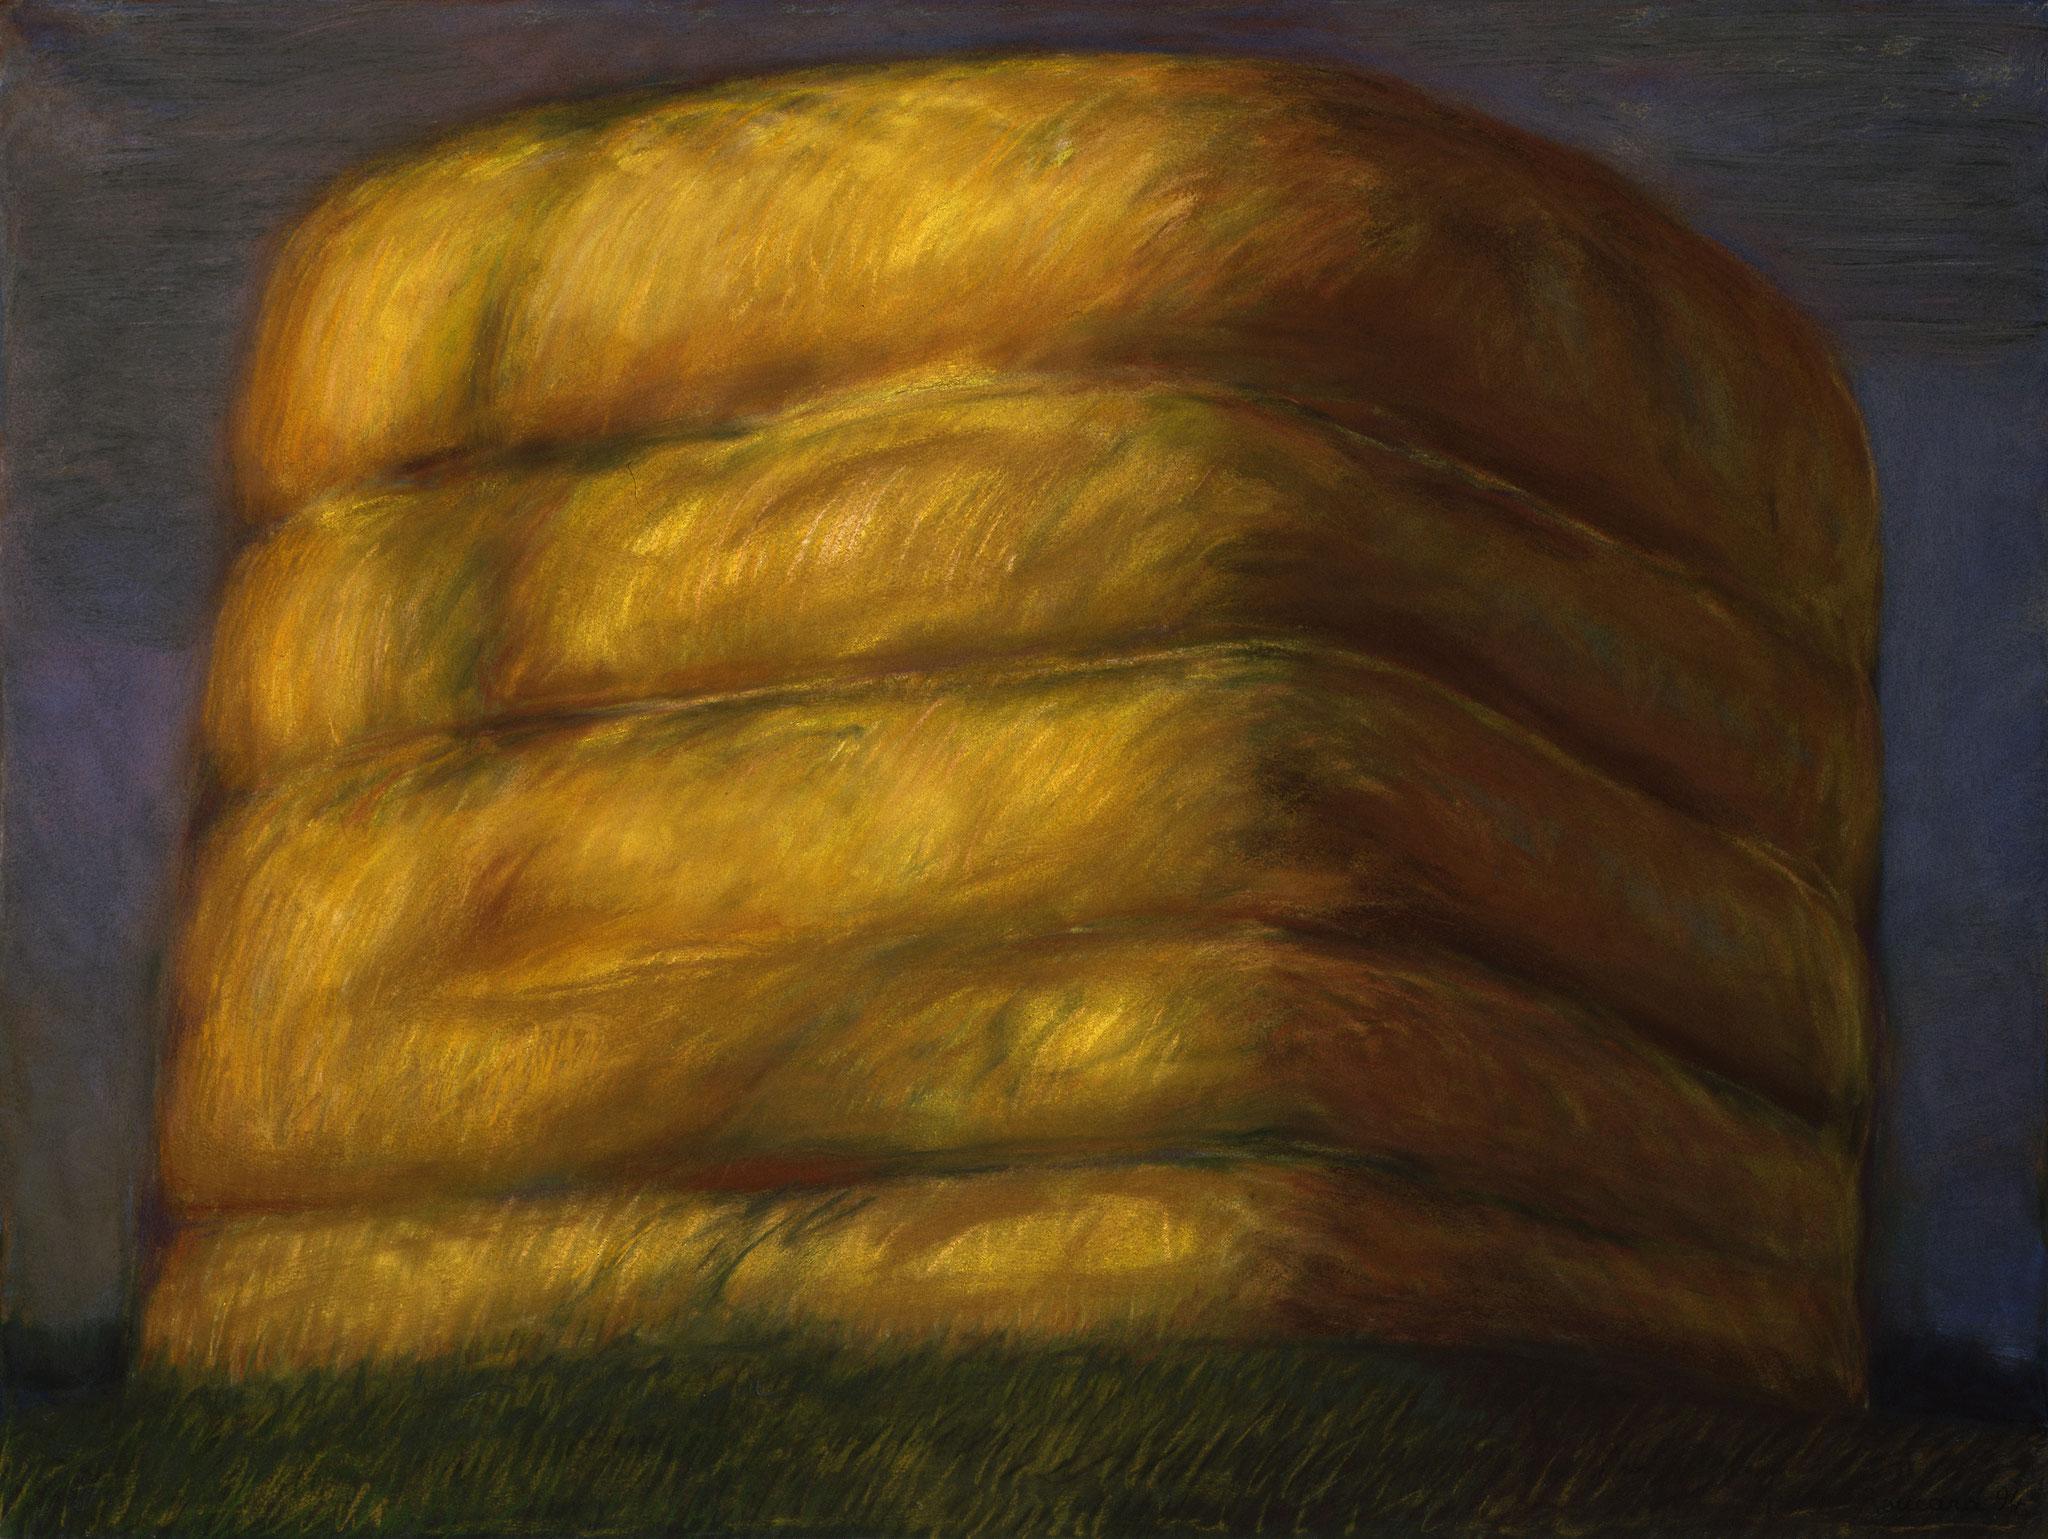 2001. 120 x 160 cm. Pastel sur papier préparé marouflé sur toile.